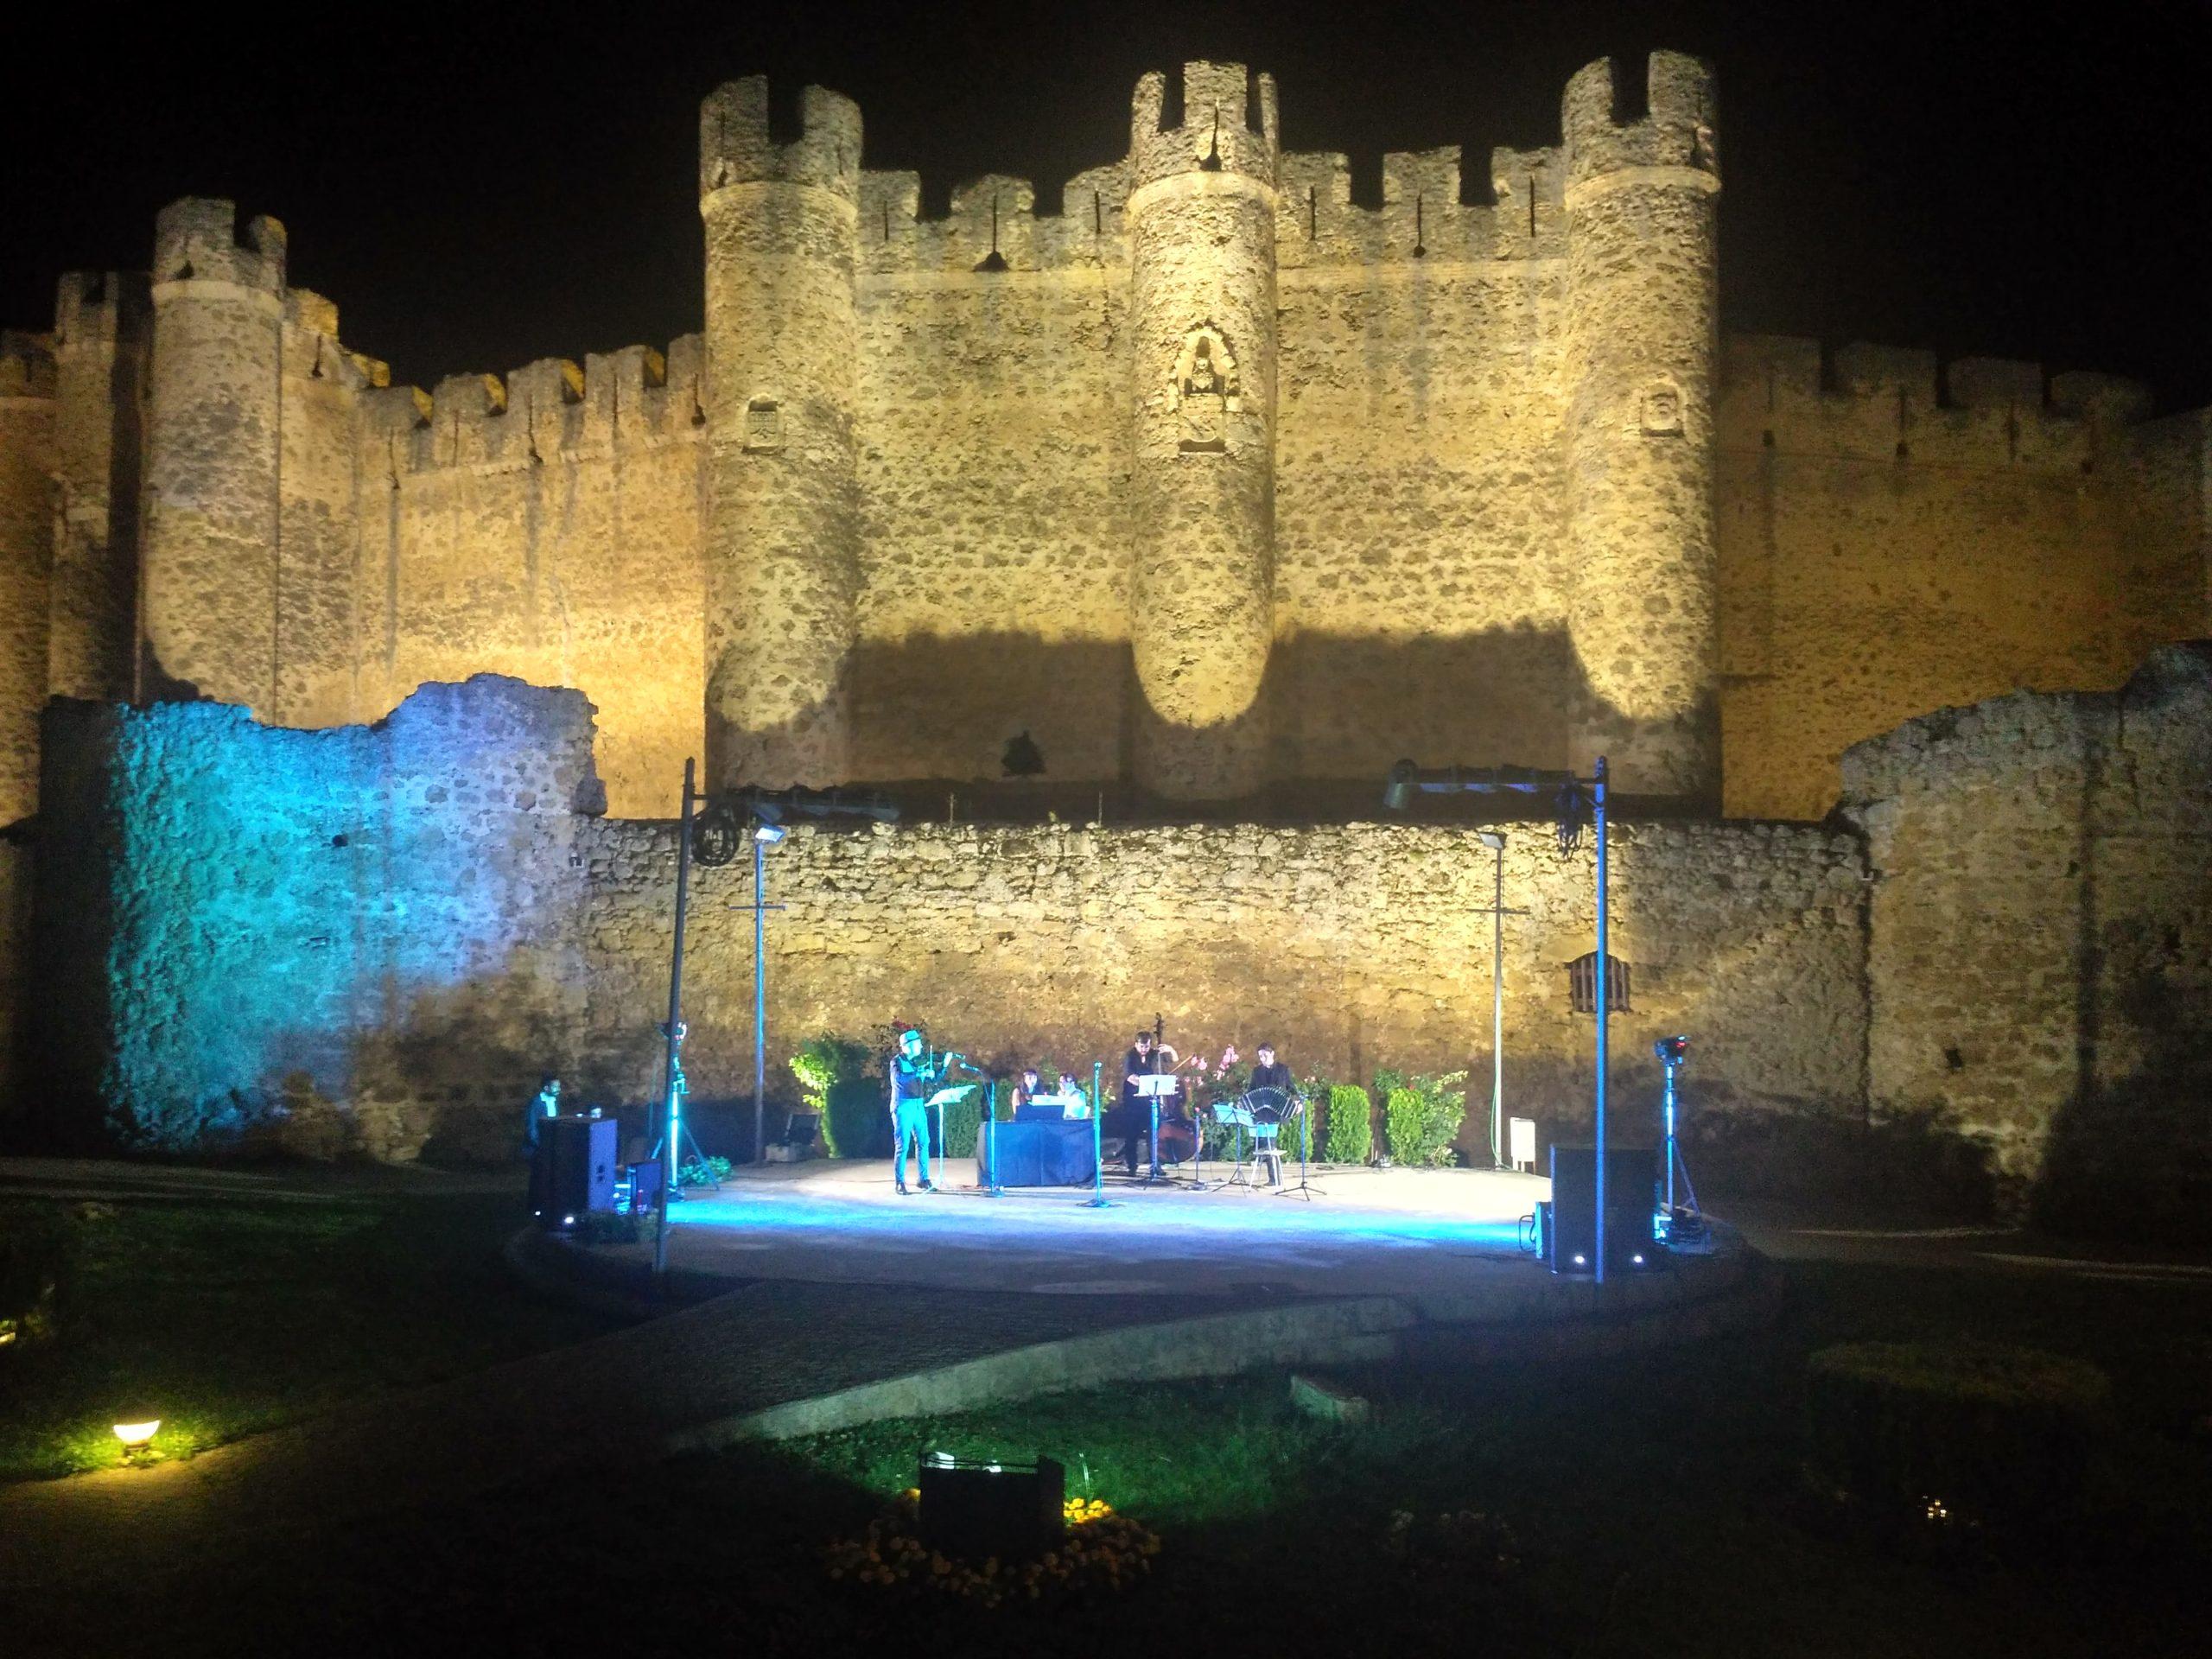 Las Noches del castillo 2020, un alivio cultural en tiempos del Covid-19